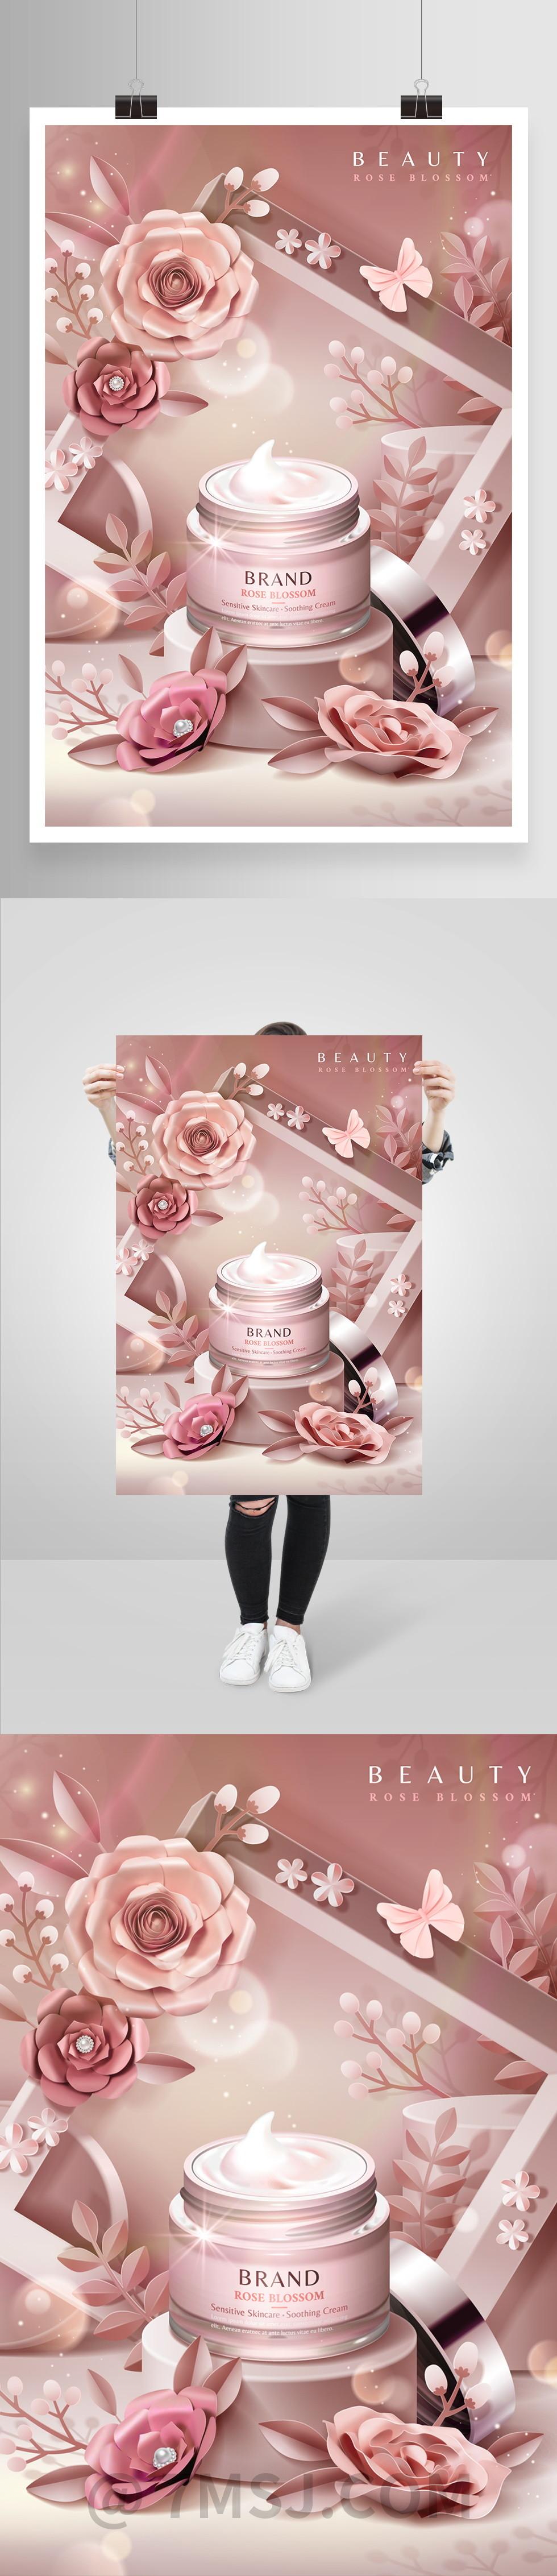 高端矢量剪纸风化妆品面霜广告素材